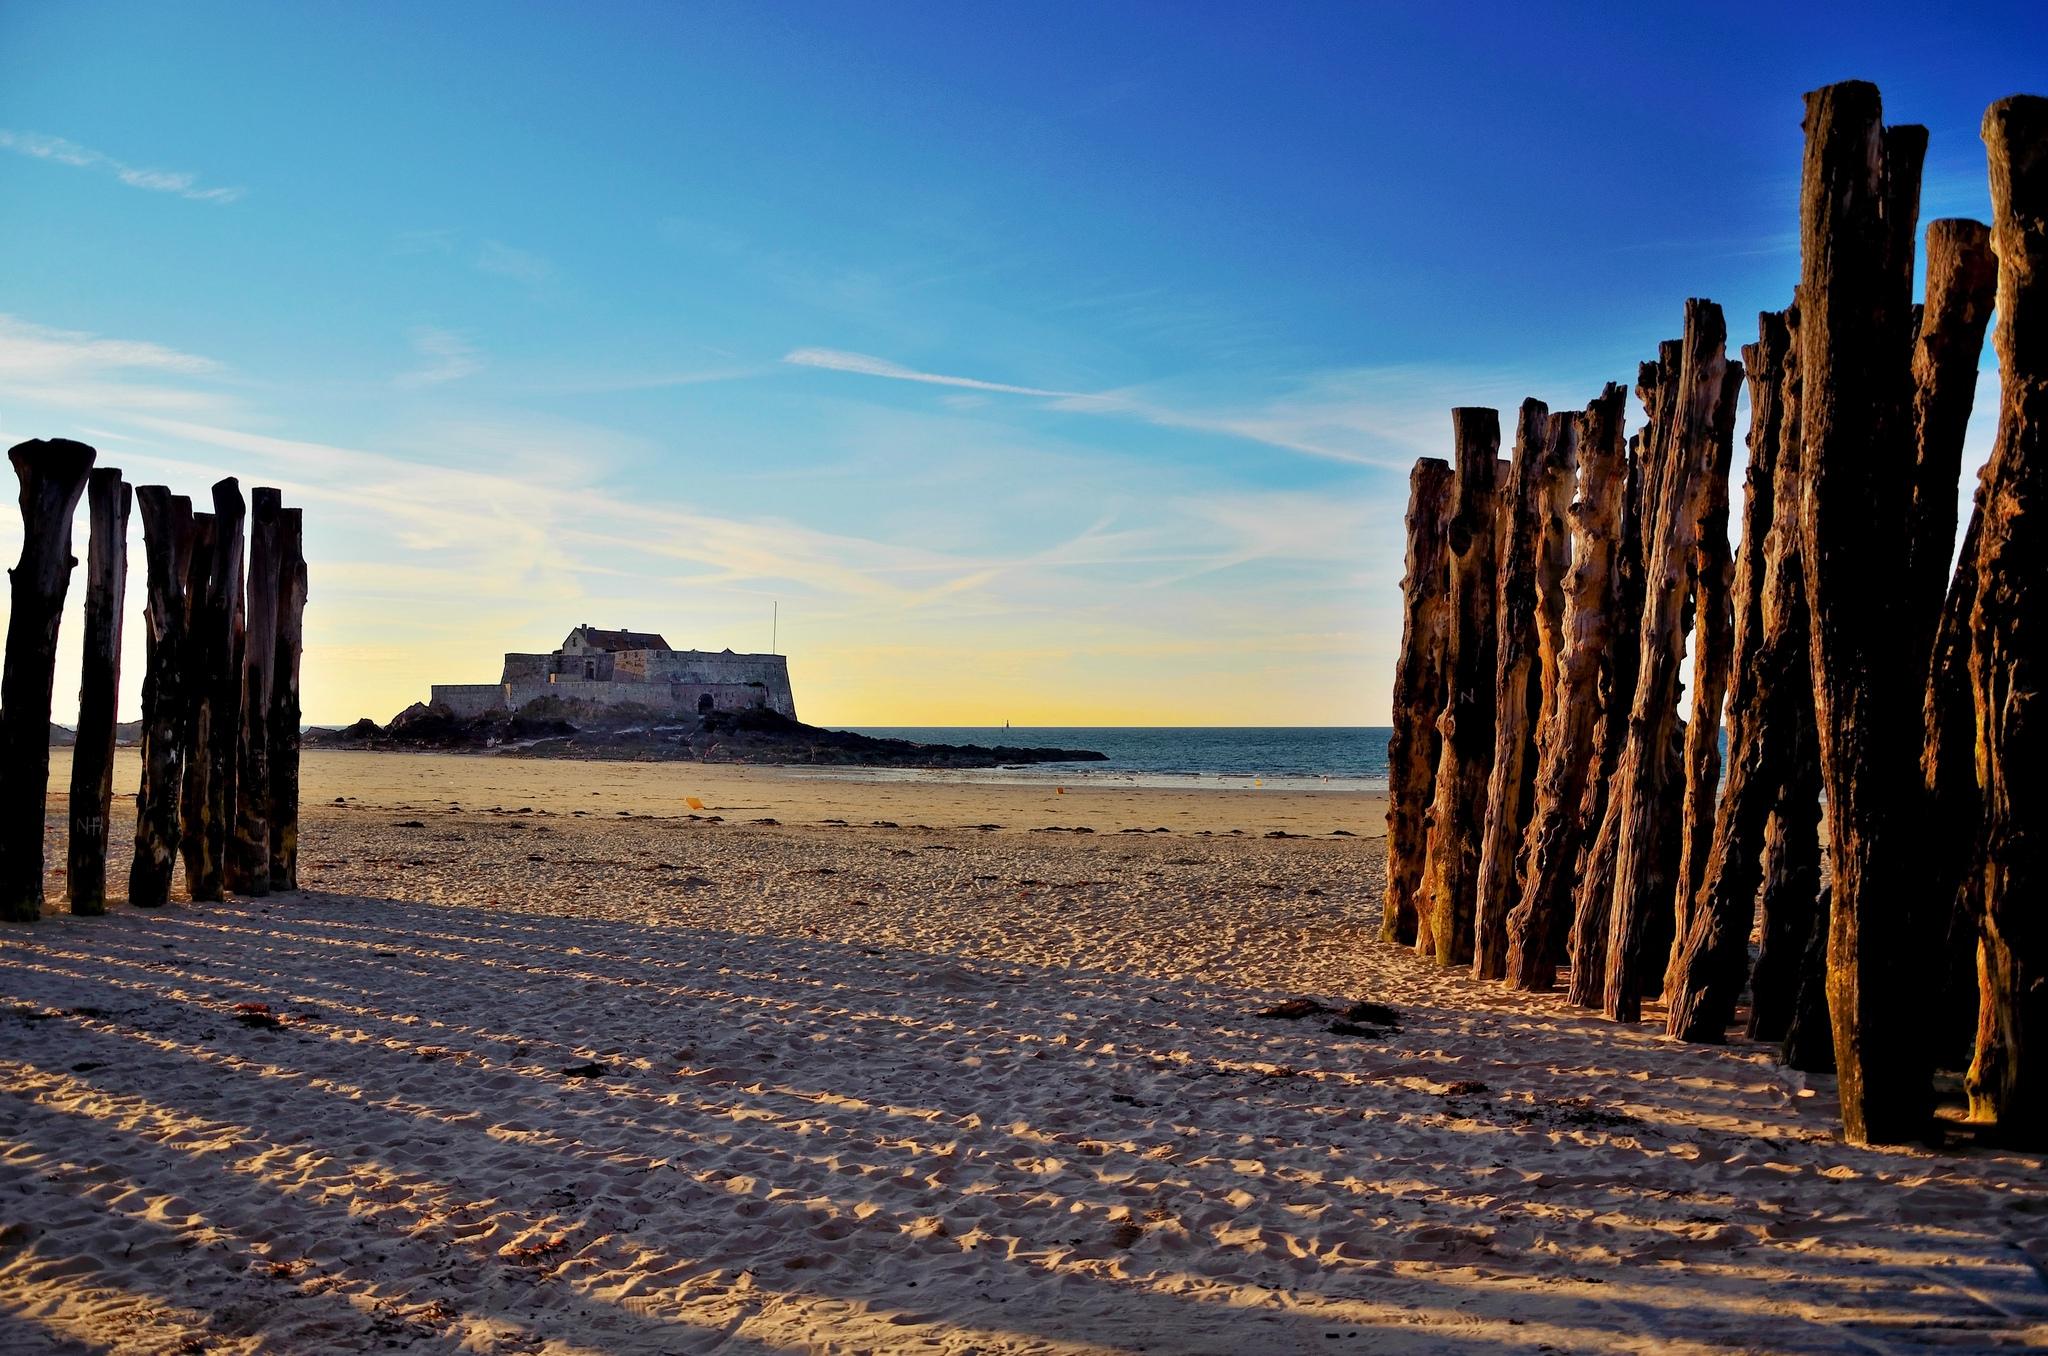 4星·朝圣诺曼底3日游E线·象鼻山+鲁昂美术博物馆+圣米歇尔山+海盗之城圣马洛+多维尔海滩·2人起订·铁定成团·2-6人小车团